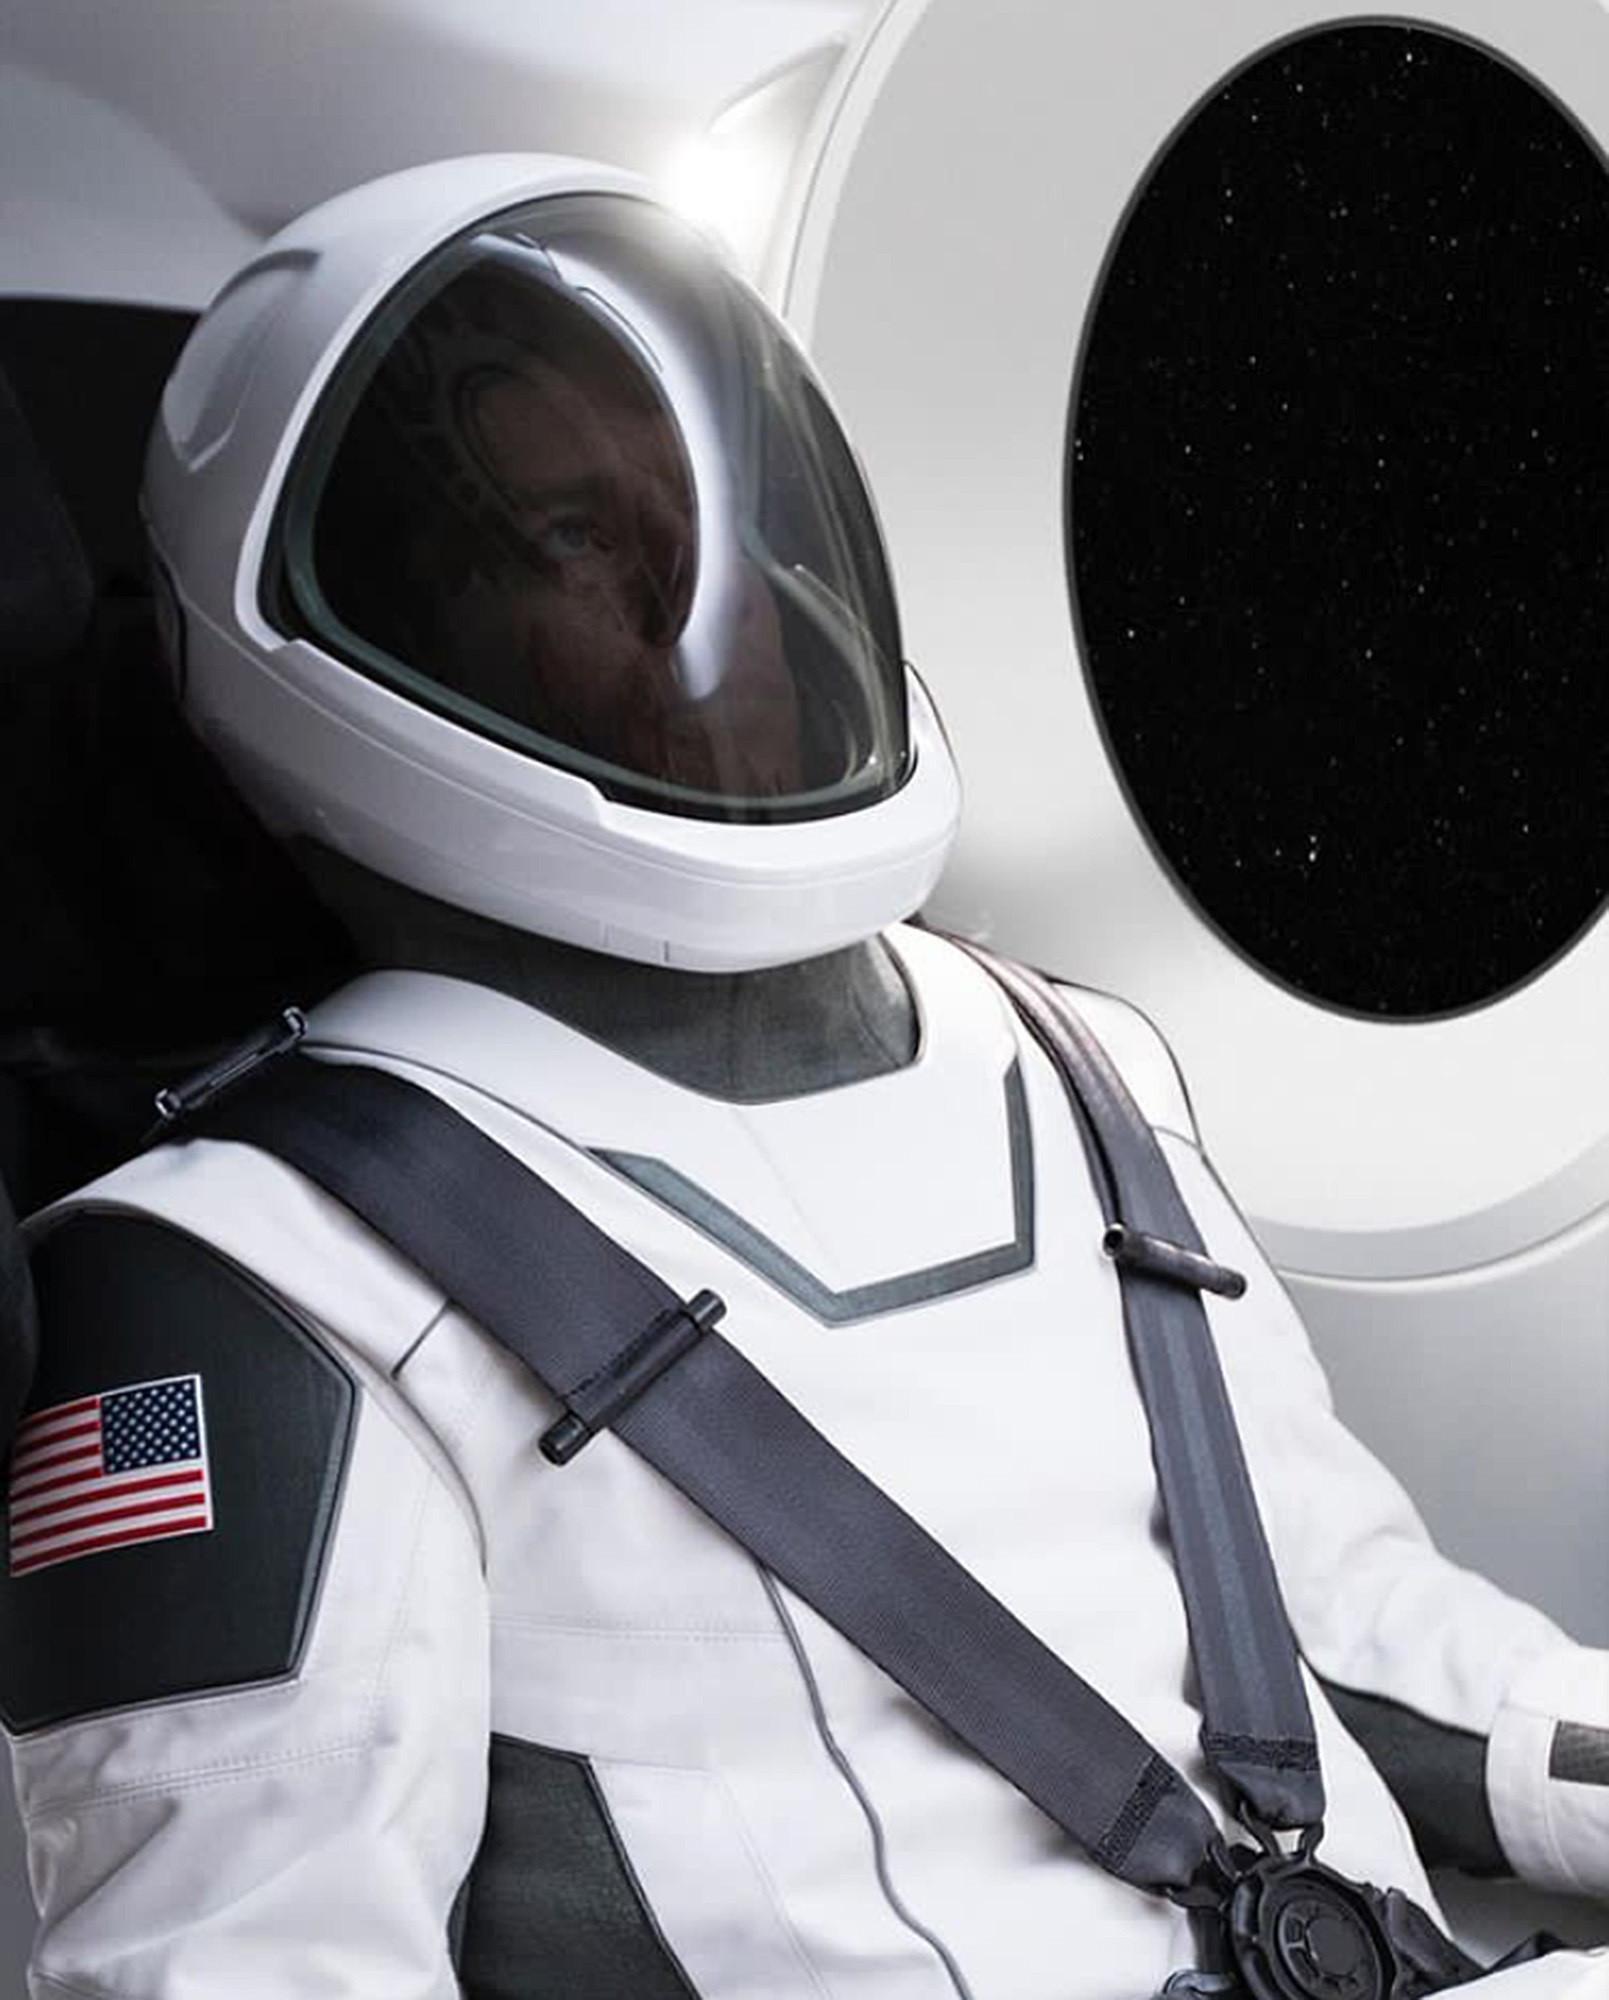 SpaceX Offers Sneak Peek Of New Spacesuit